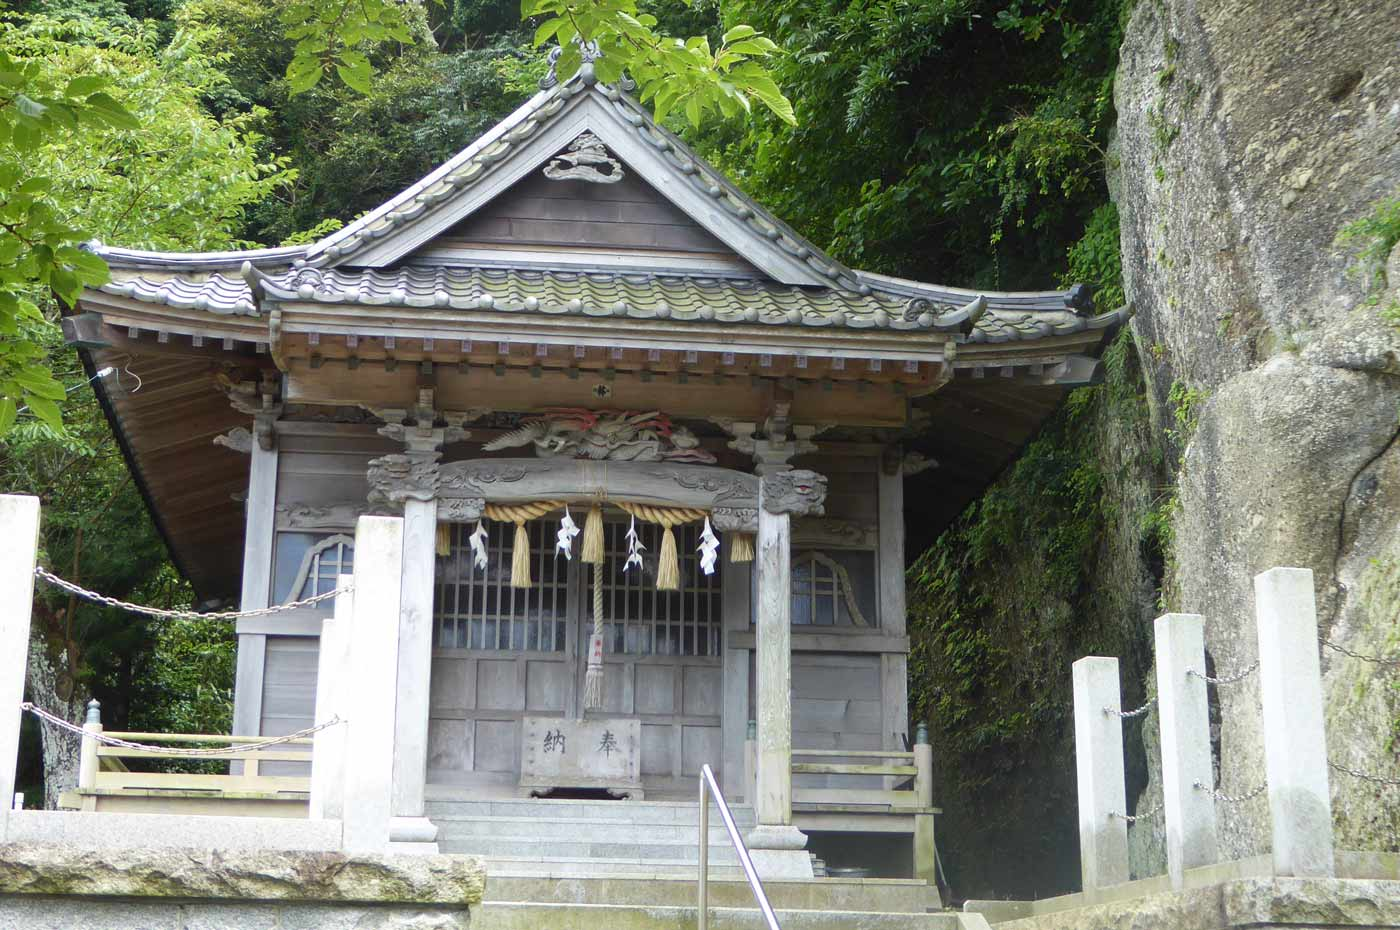 諏訪神社の拝殿の画像